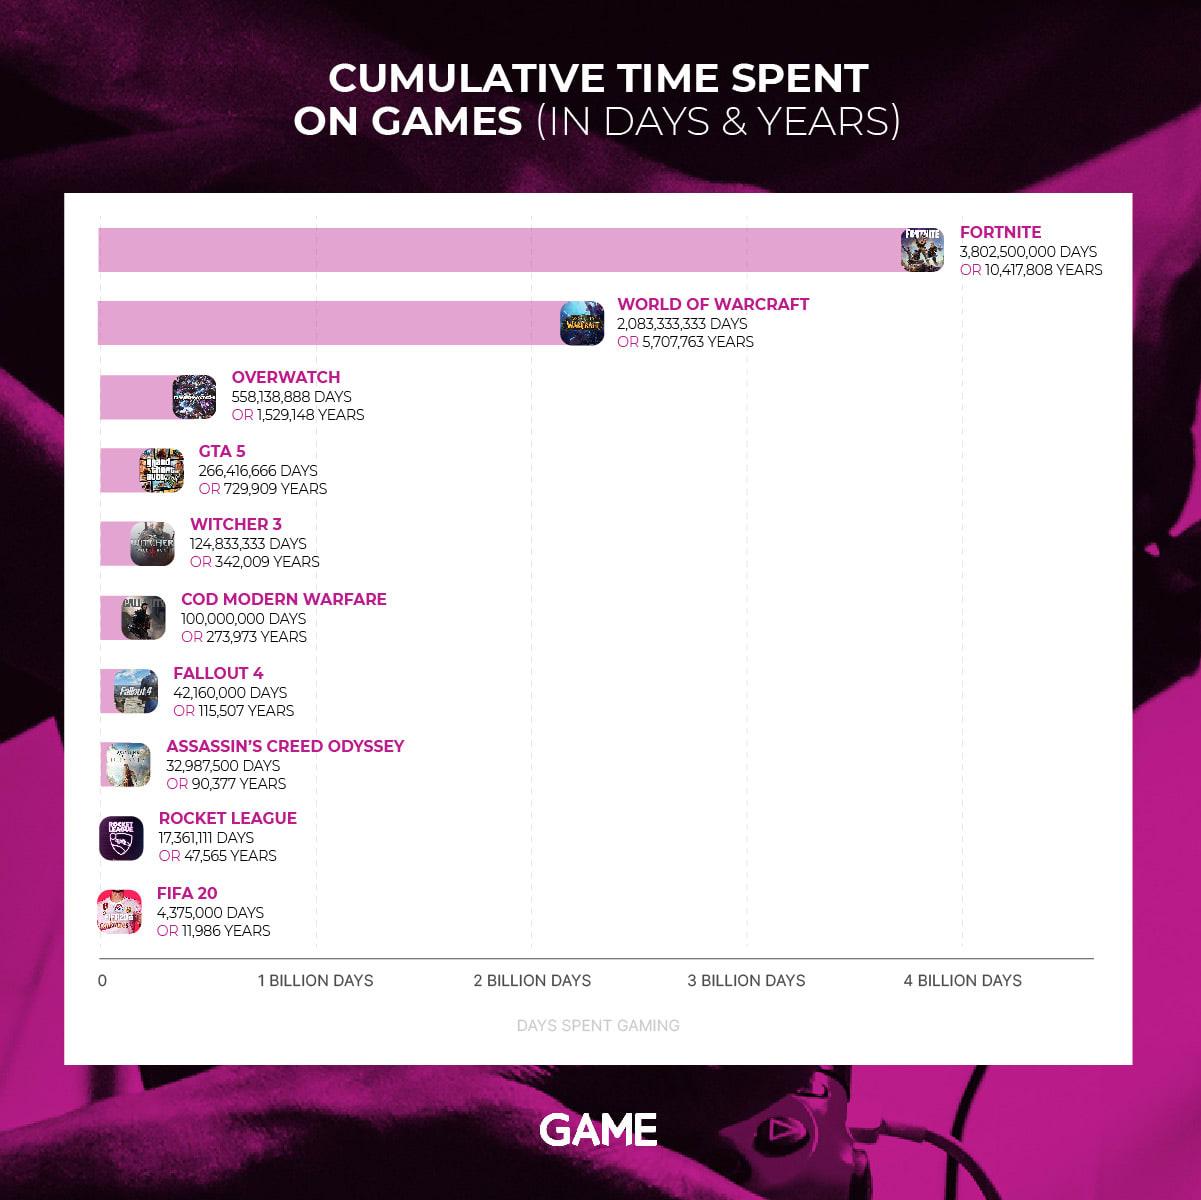 Tabela de tempo gastos com jogos